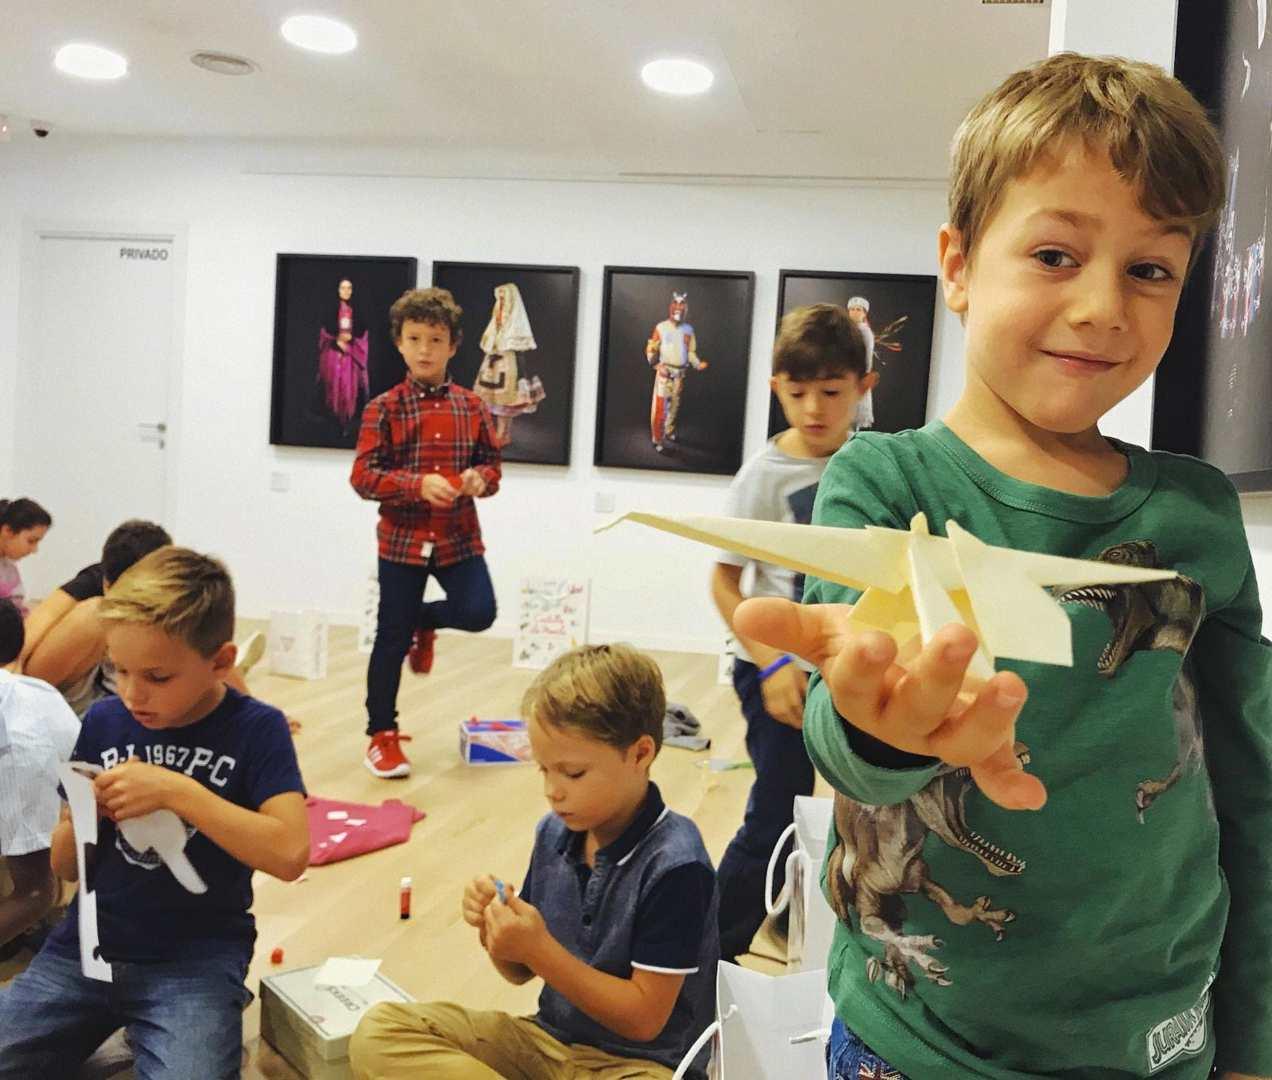 Taller de papiroflexia con Javier Caboblanco